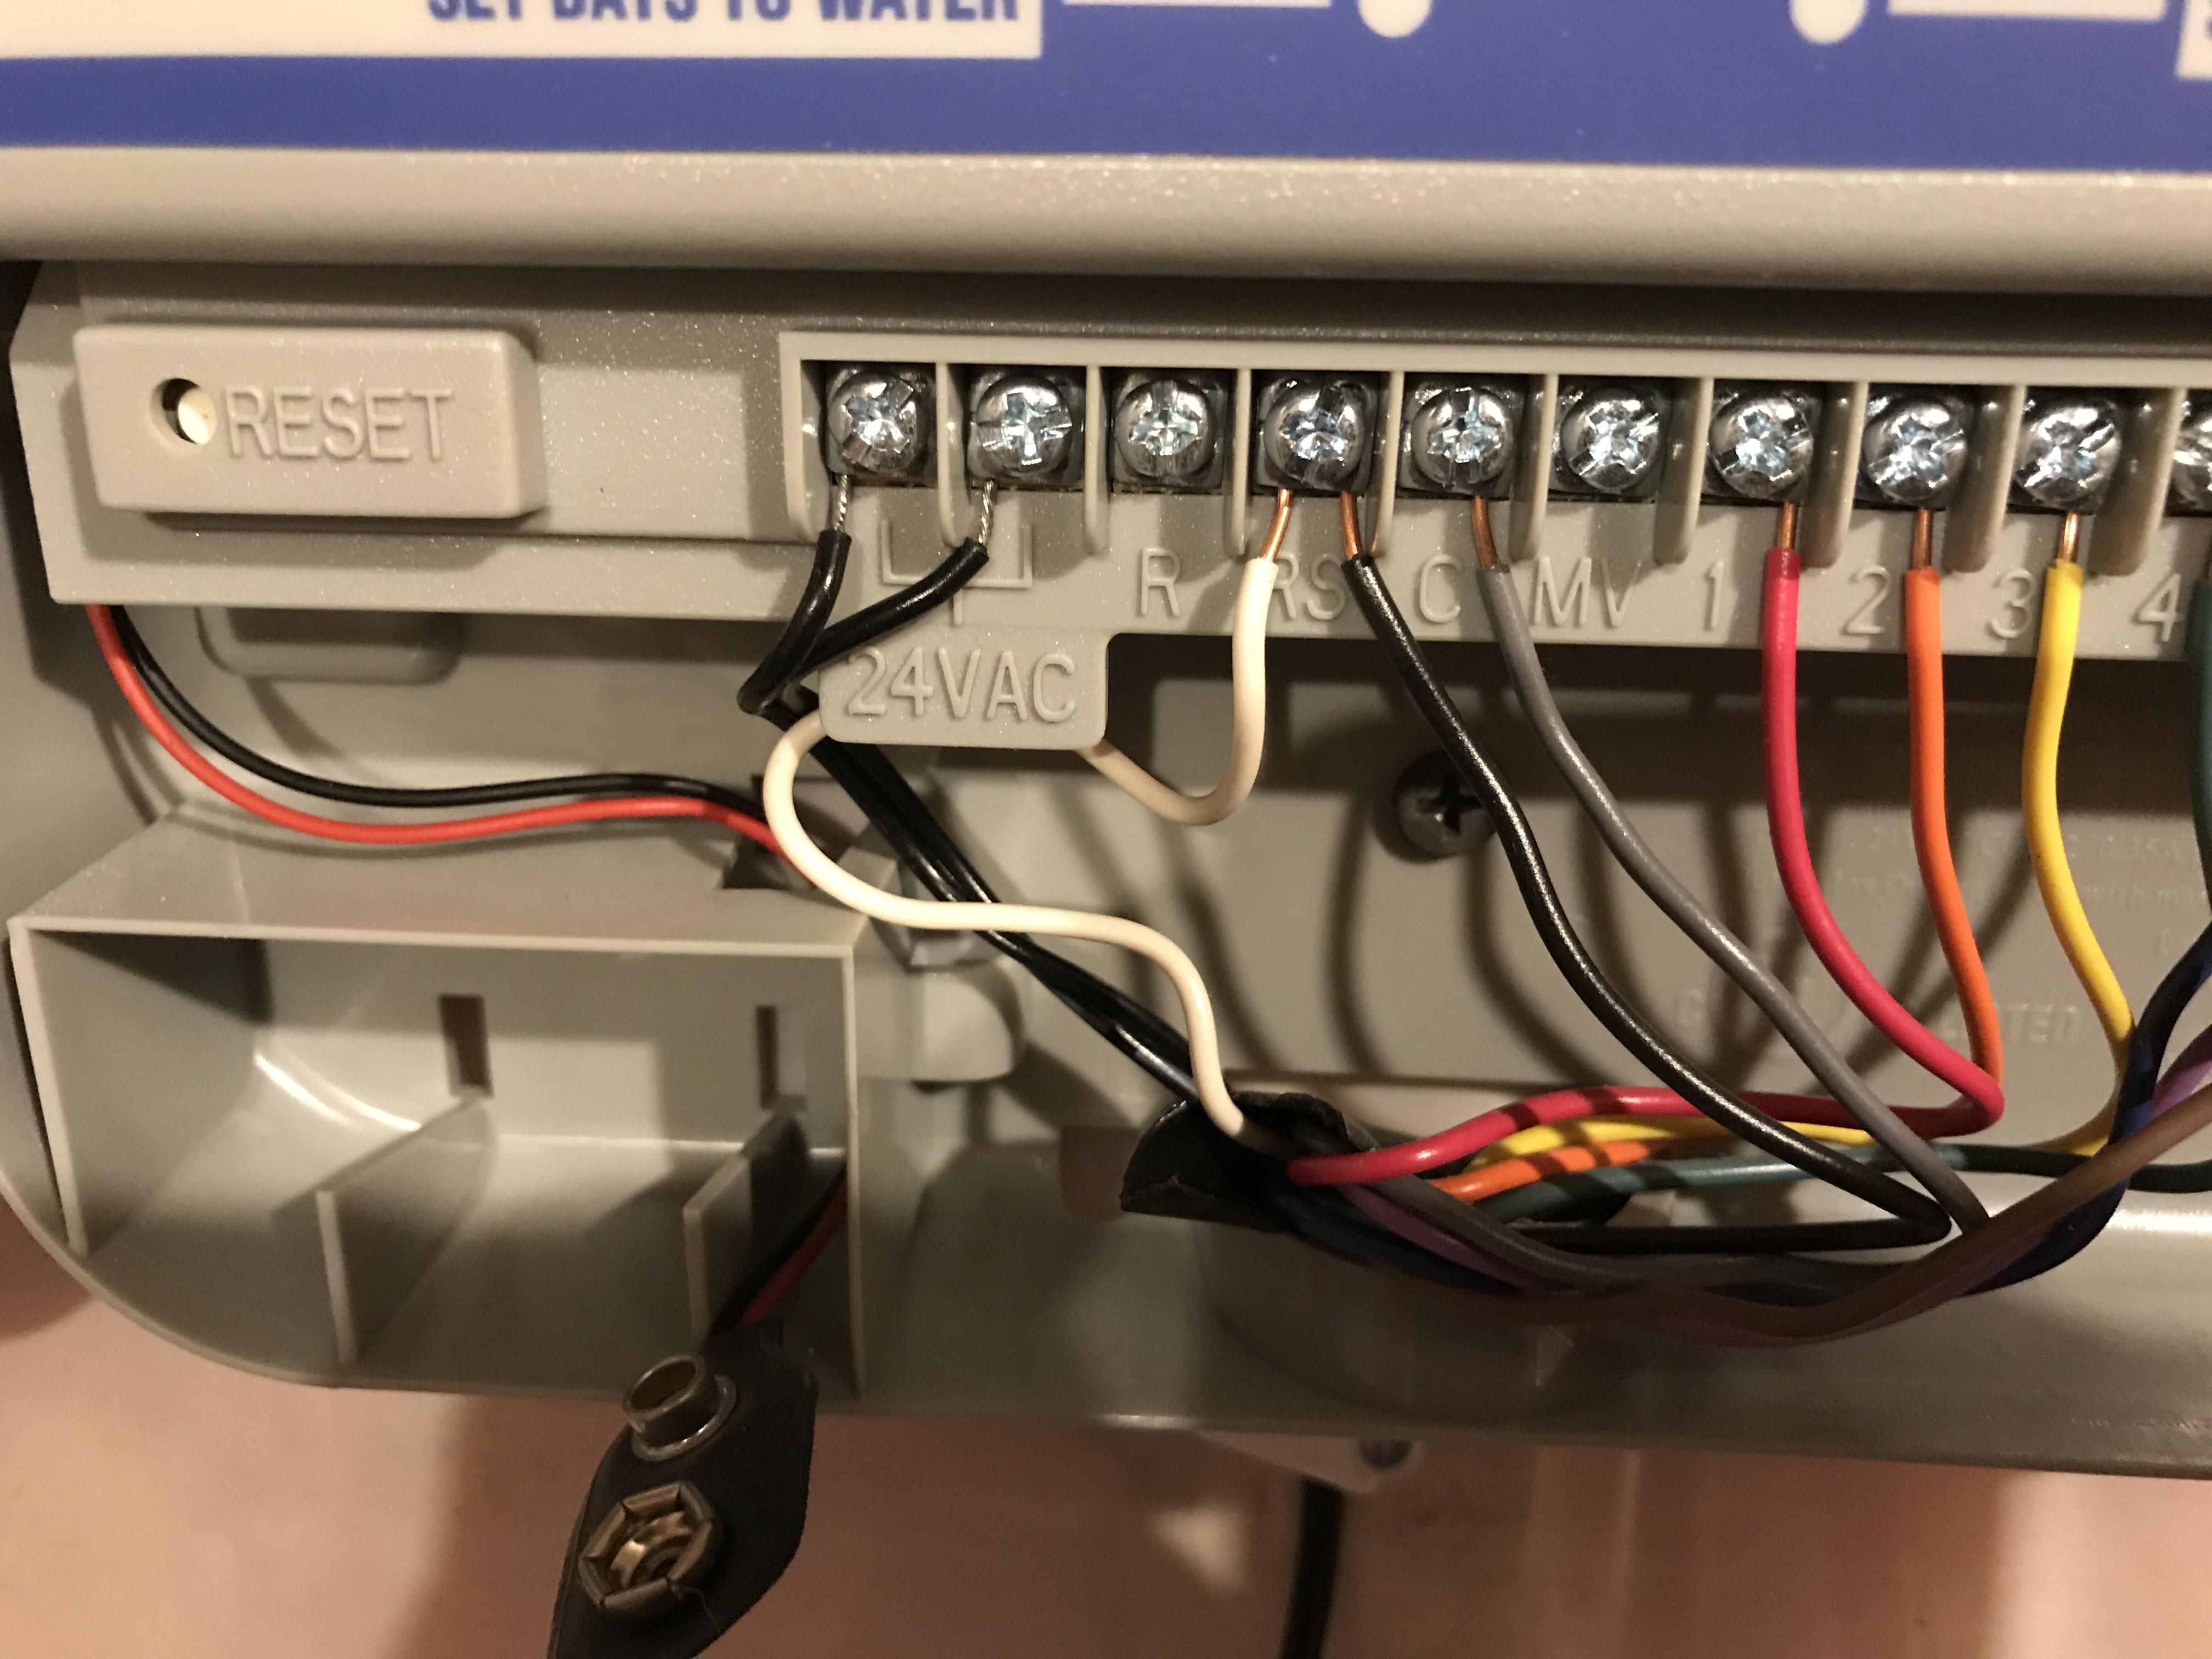 9d592f0c1ec24cf3813666aeca77f32fb494664e hunter src plus wiring diagram hunter solenoid, ceiling fan hunter src wiring diagram at soozxer.org